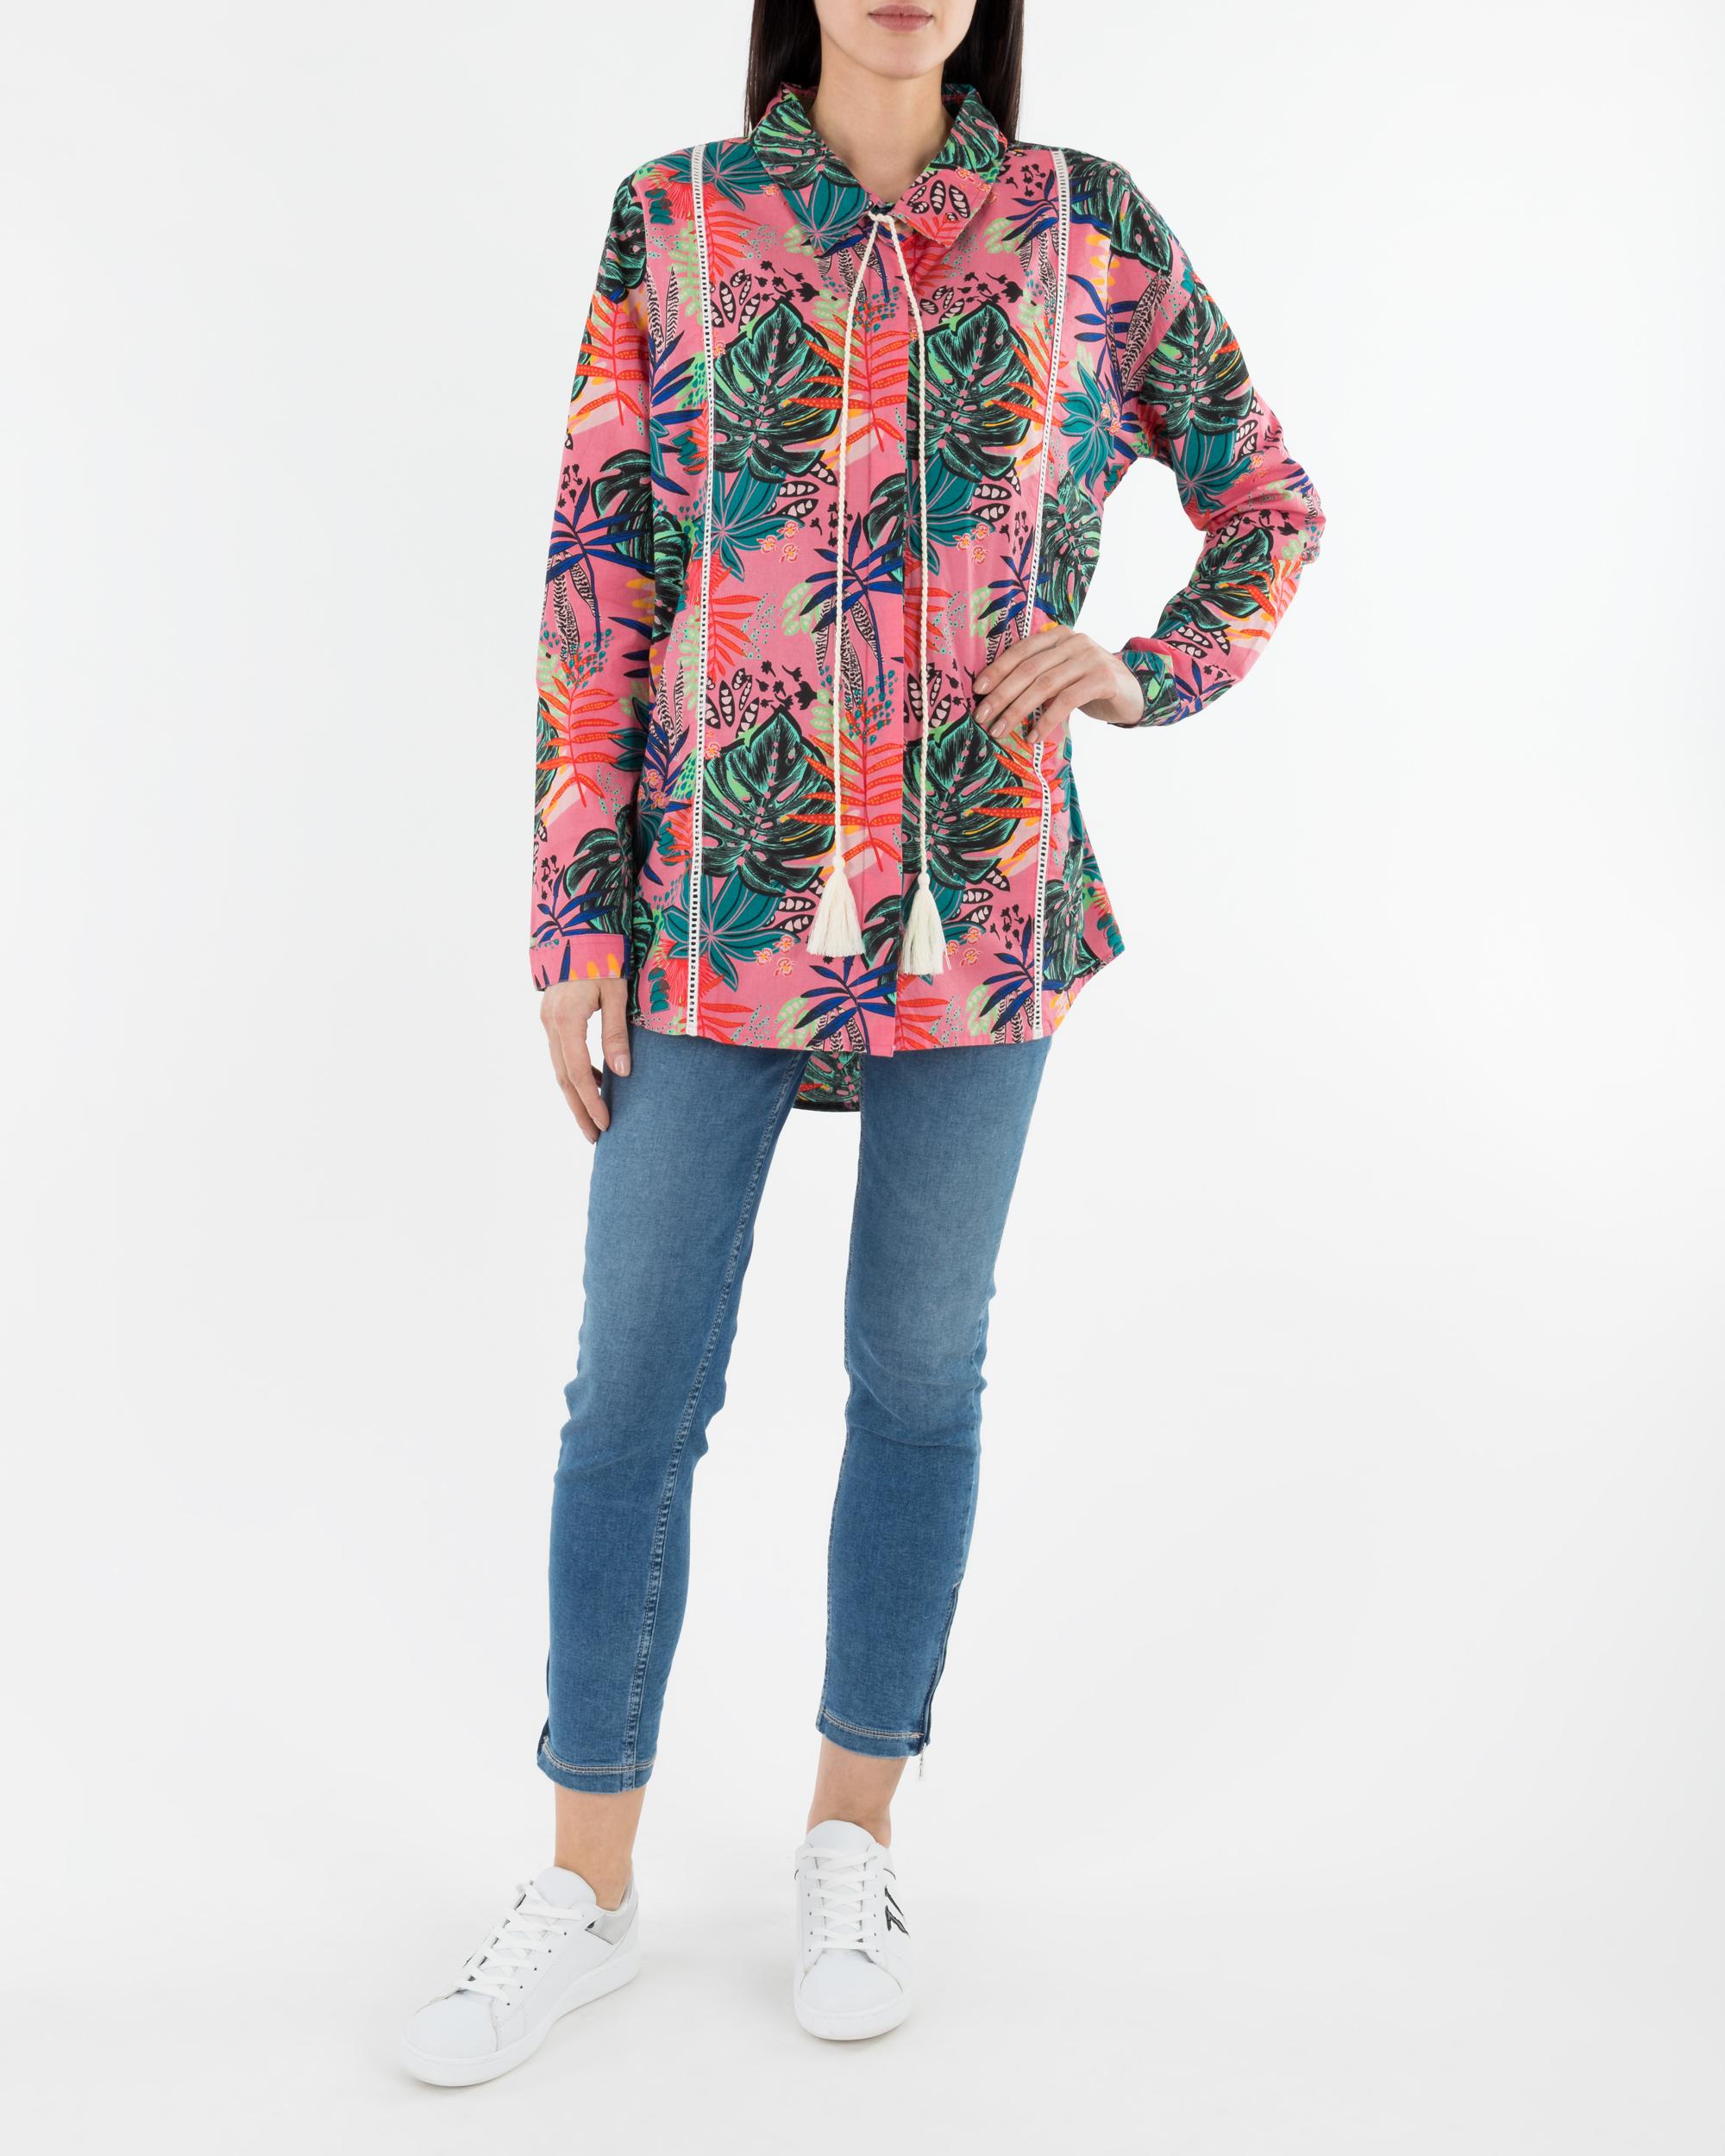 16e2dbb17dd3bb Koszula Femi Stories MENES_PLV różowy - Royal Collection - Odziez ...